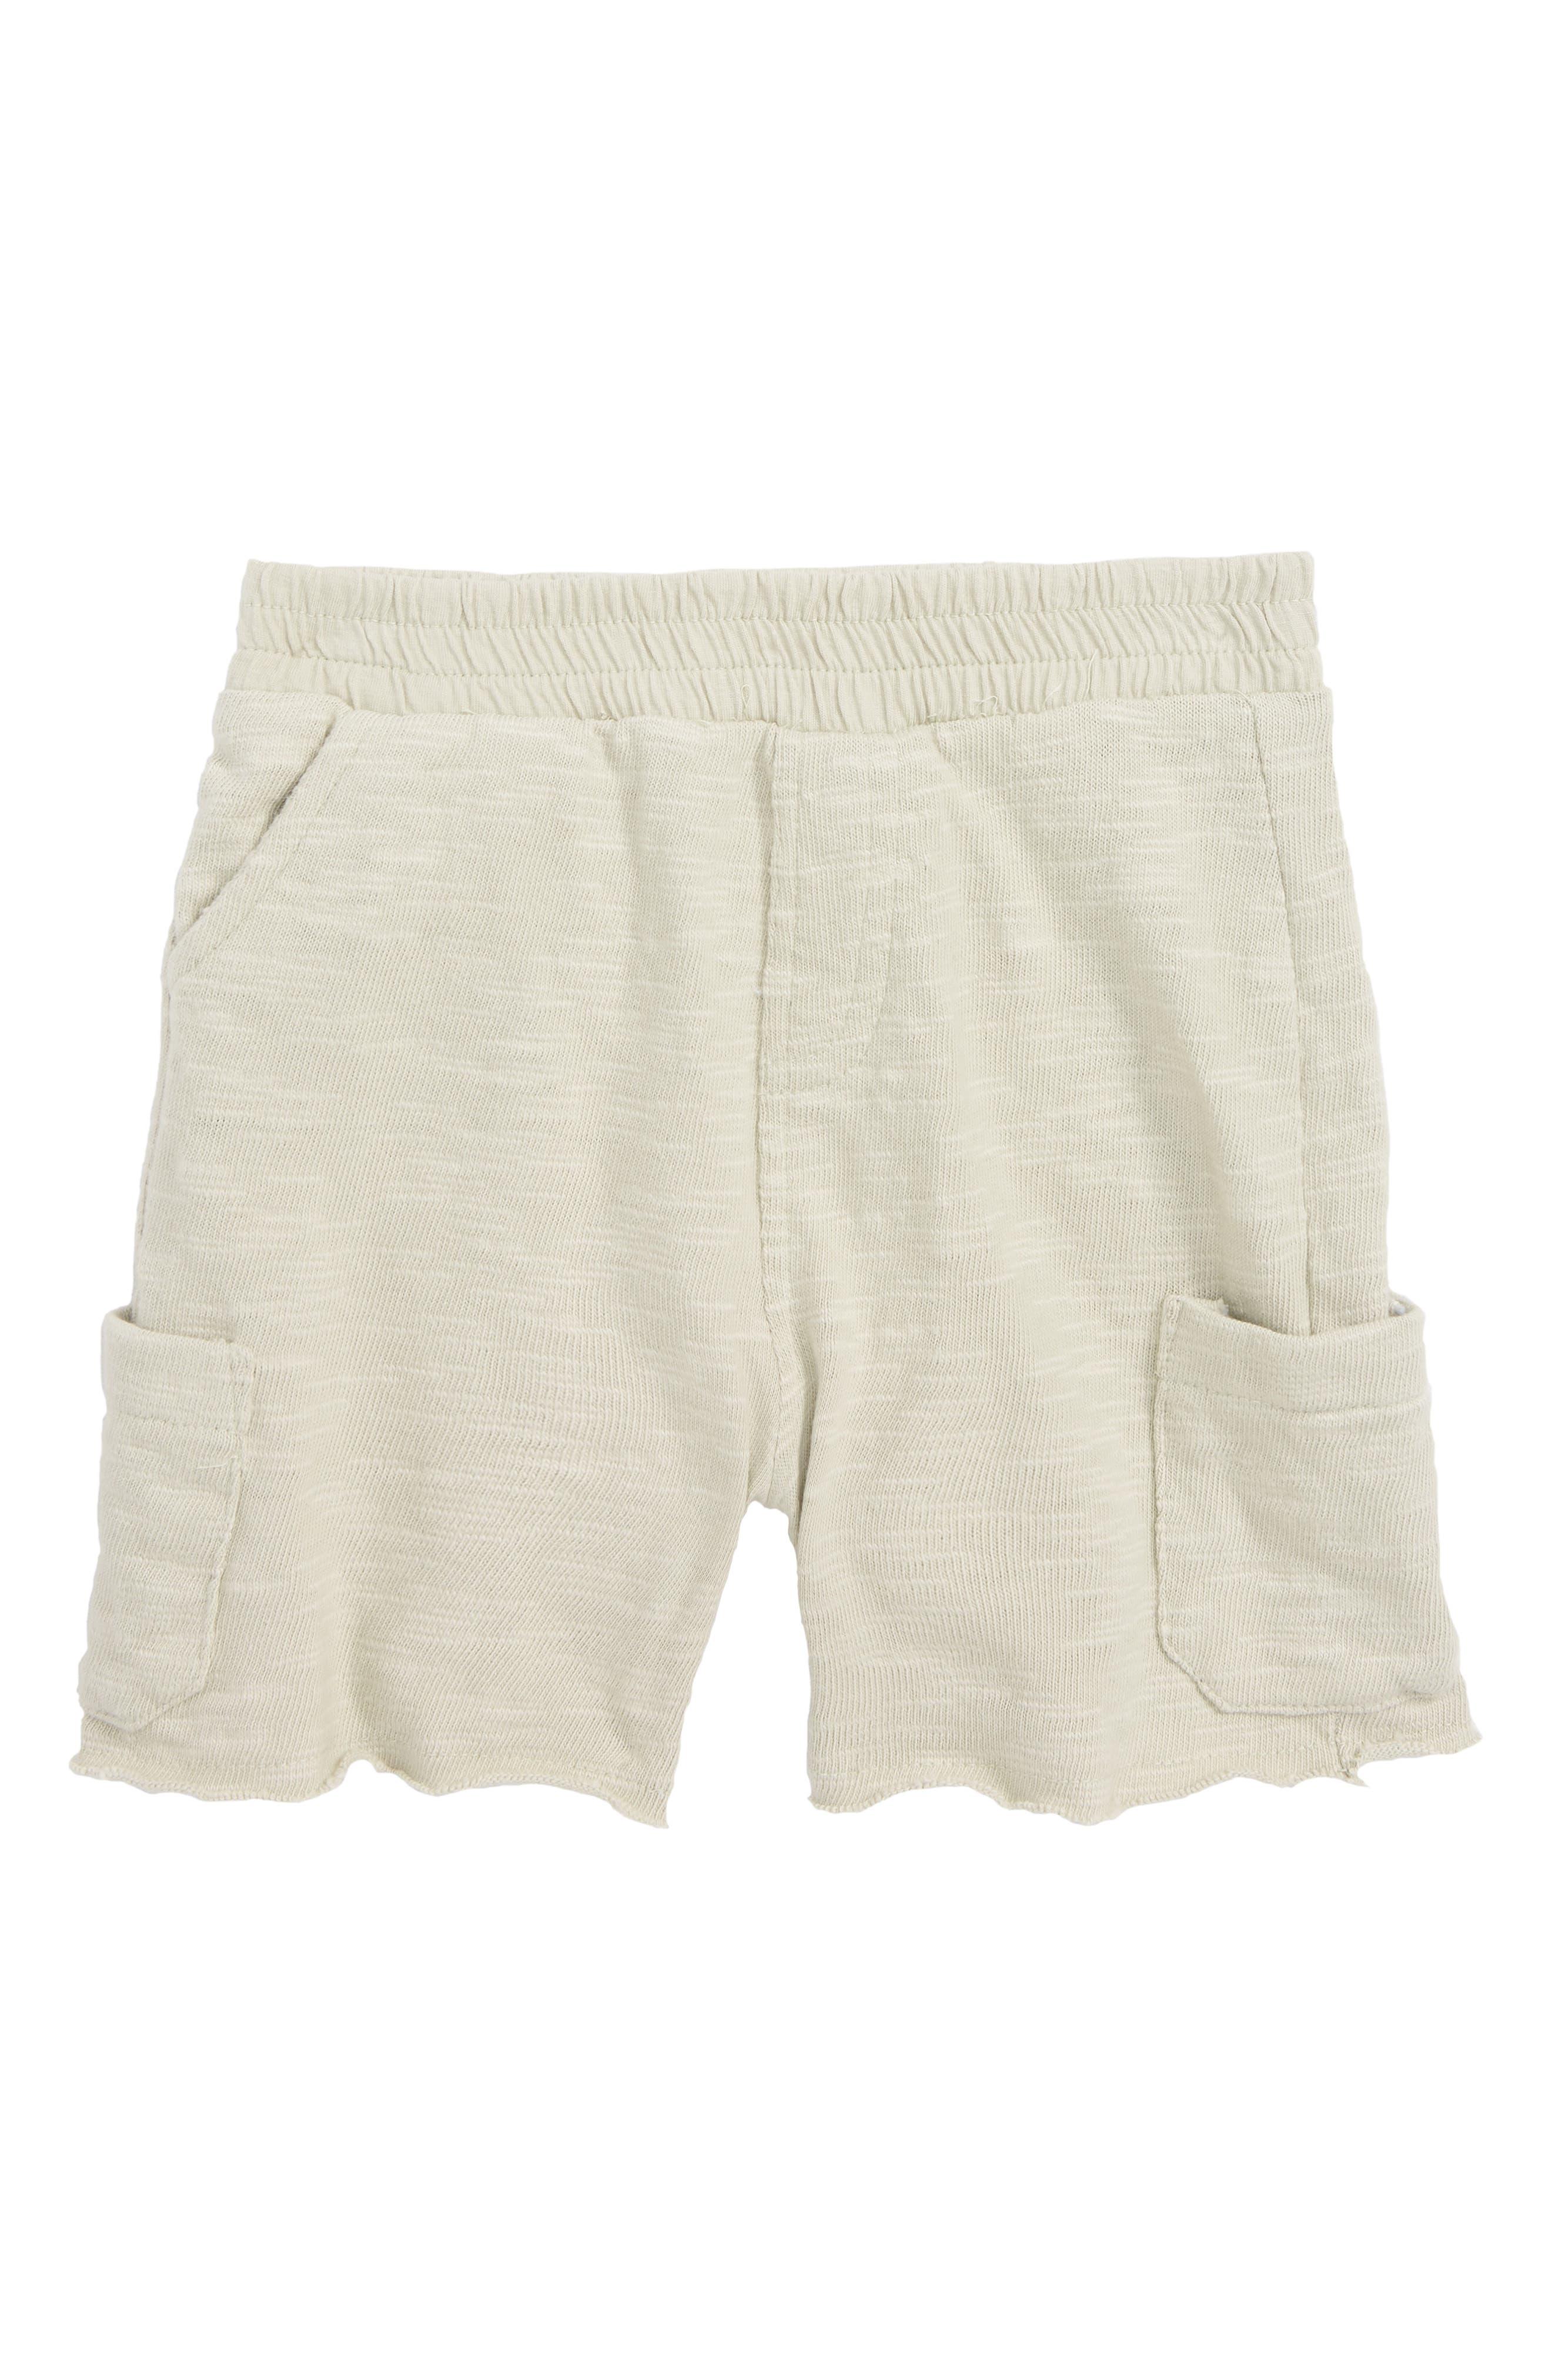 Asher Knit Cargo Shorts,                             Main thumbnail 1, color,                             Grey